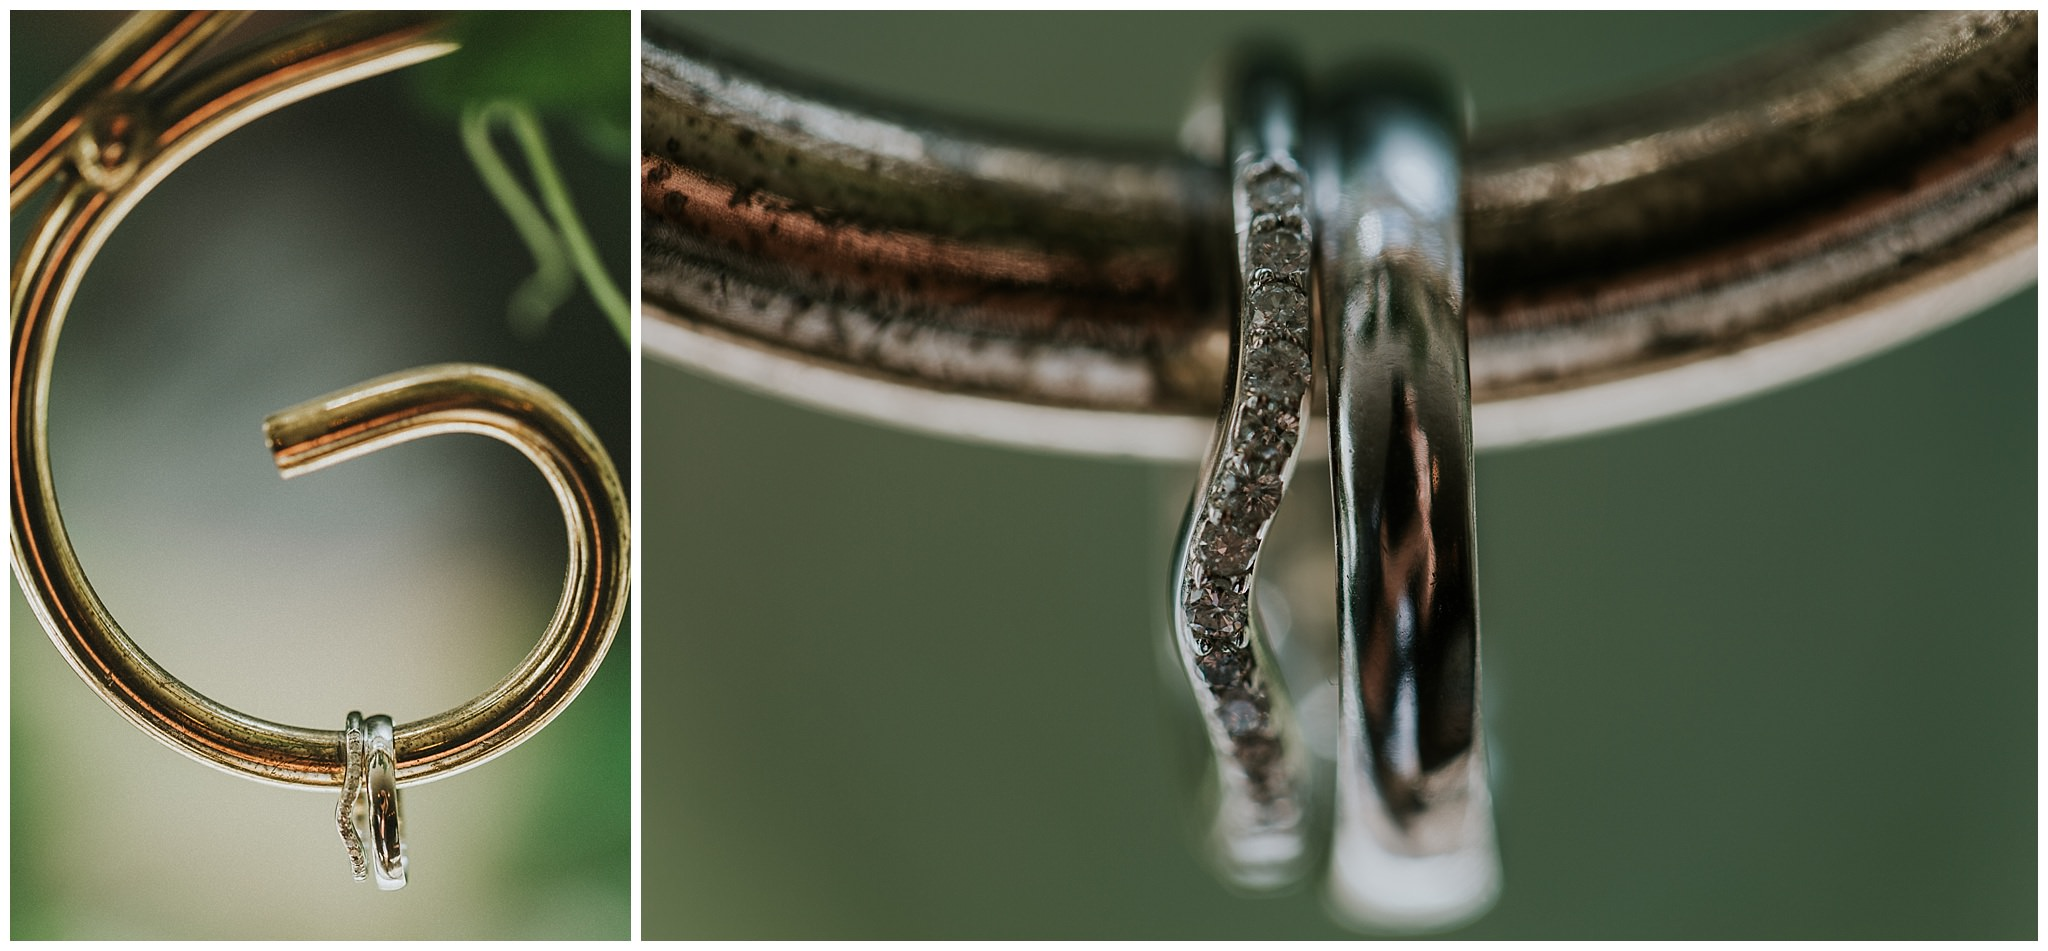 detail shots of wedding ring